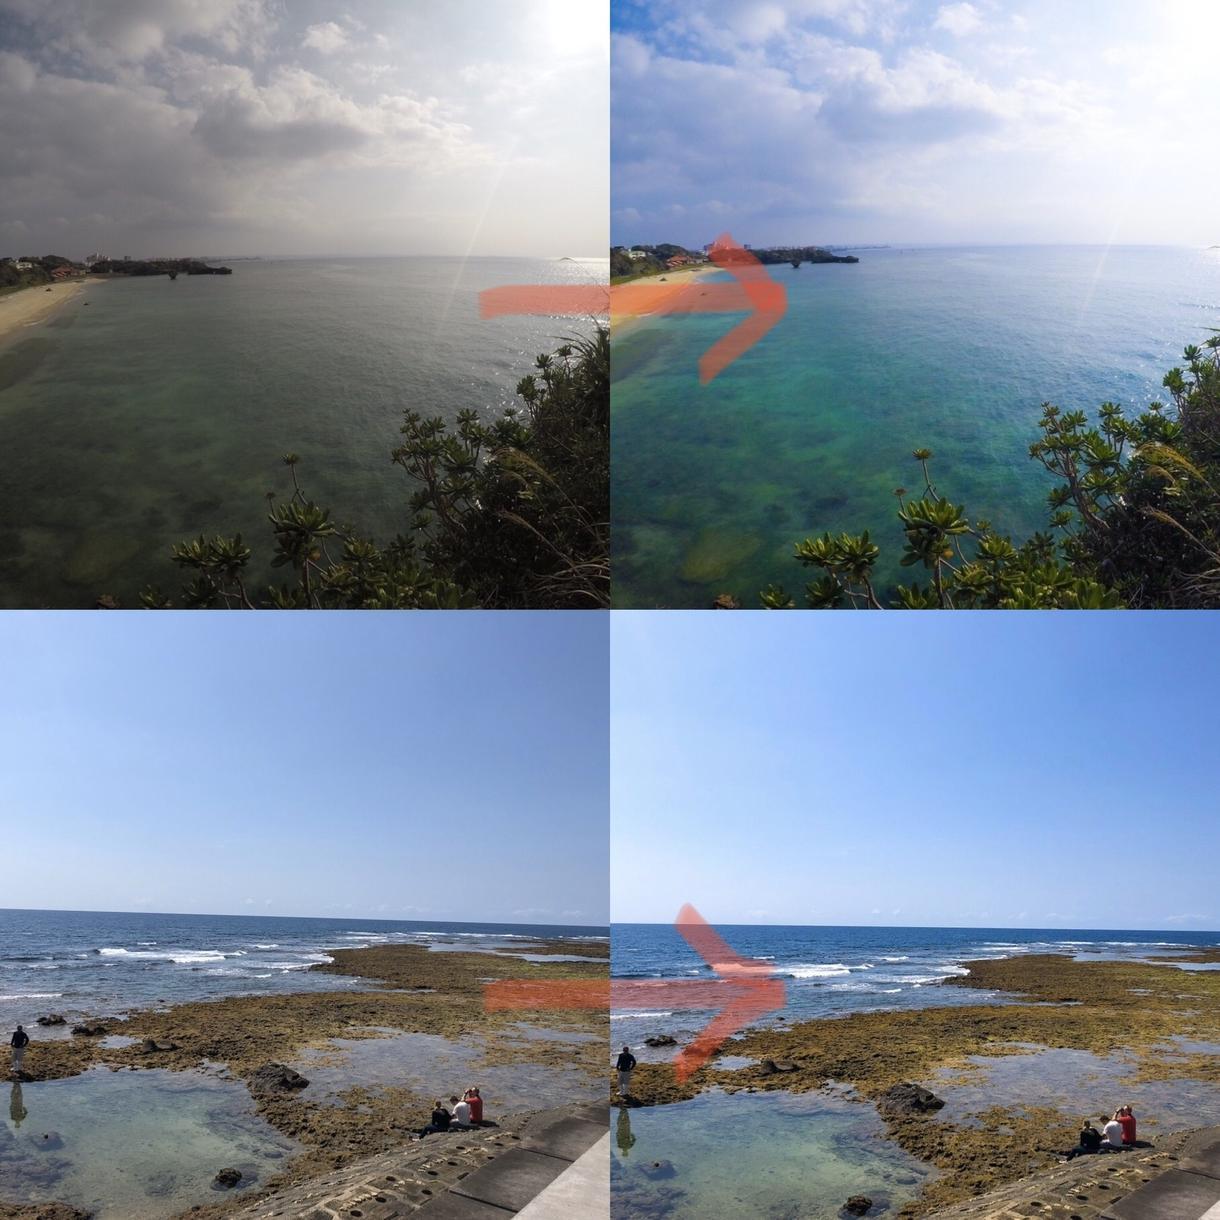 沖縄本島限定】ドローンも可!写真撮影代行します 撮影〜加工まで行いますのですぐにSNSにupできます! イメージ1